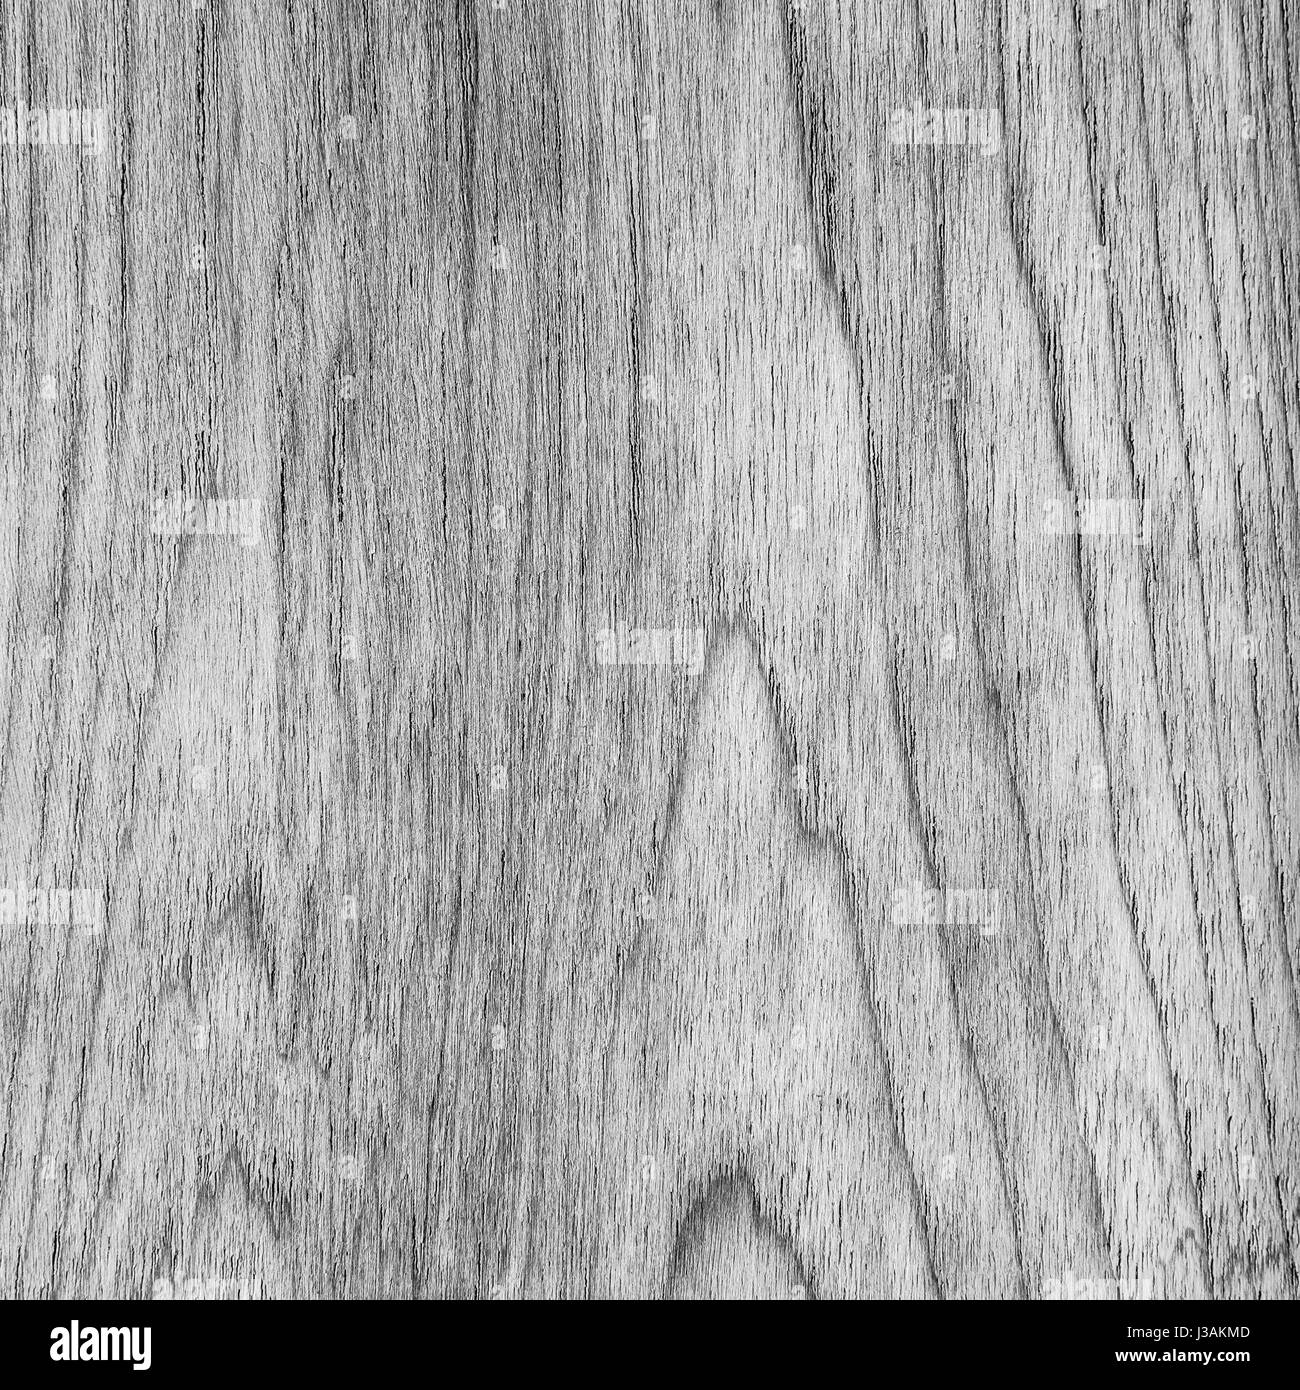 Teak Wood Texture Papier Peint Noir Et Blanc Banque D Images Photo